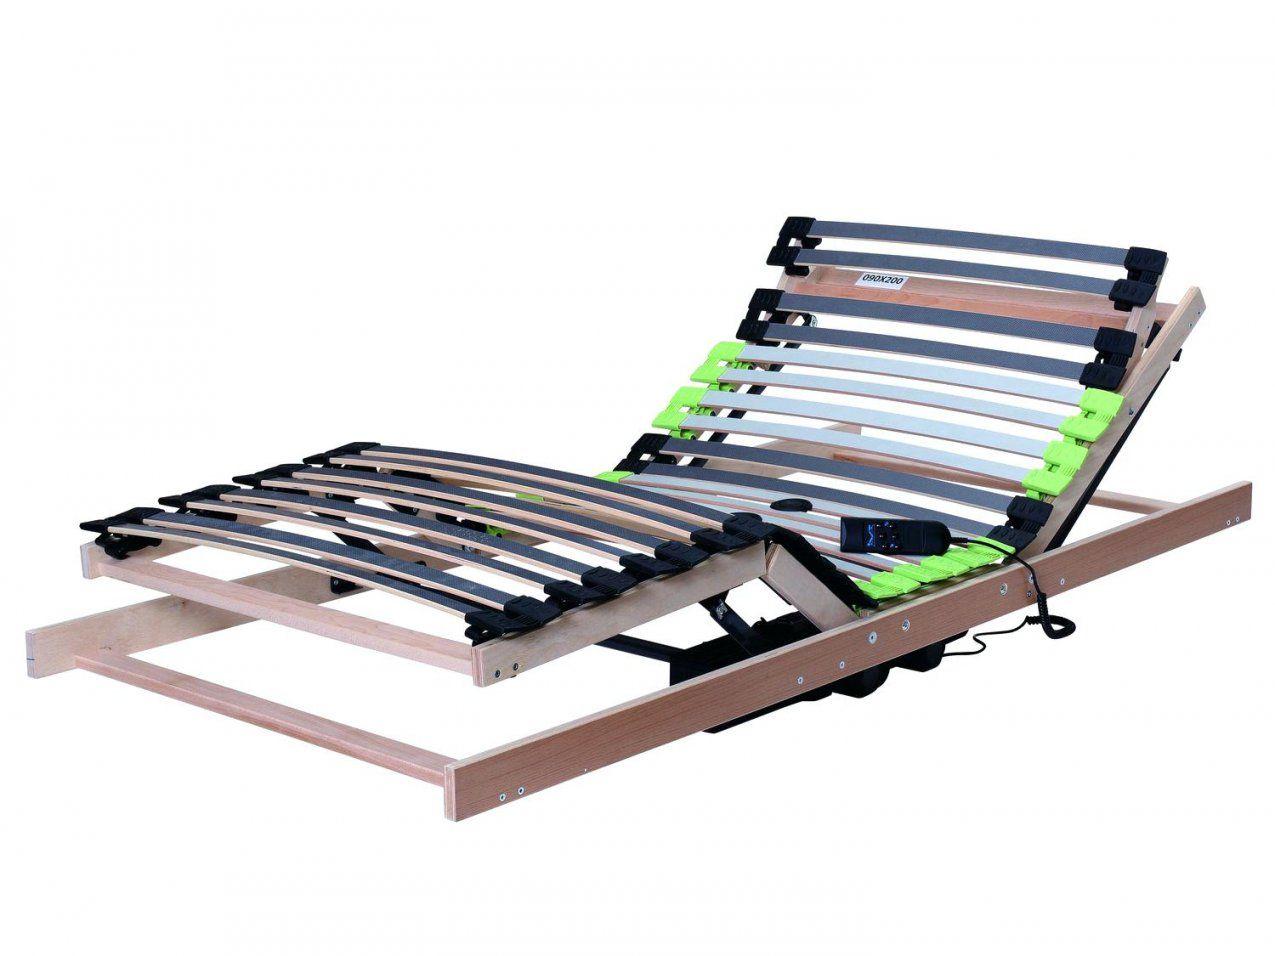 Lattenrost Elektrisch Hn8 Schlafsysteme Lattenrost Condor Mot 1 von Elektrisches Lattenrost 100X200 Test Bild